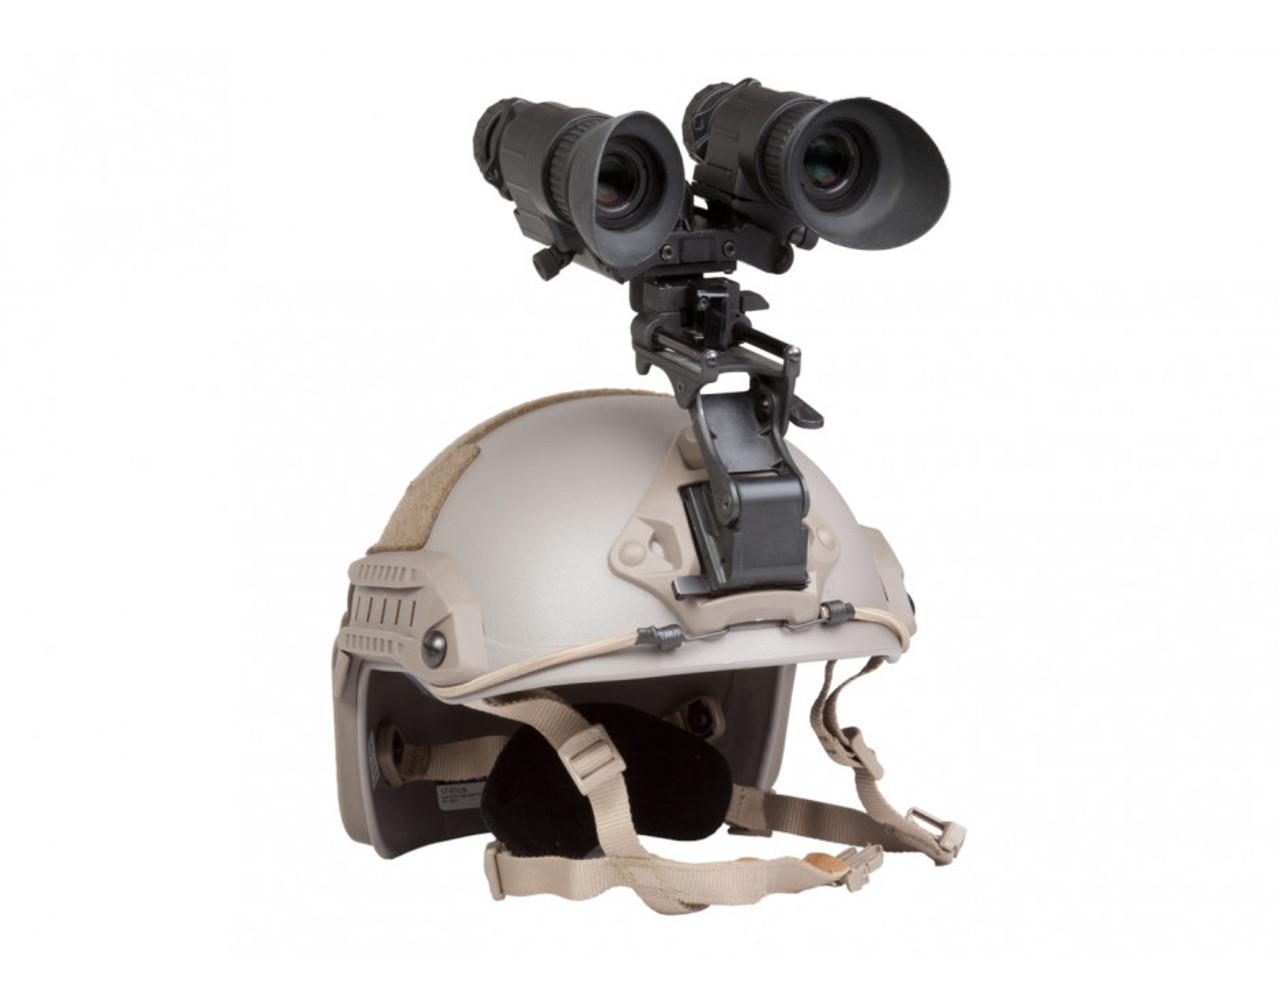 """AGM NVG-50 3AL2 Dual Tube Night Vision Goggle/Binocular 51 degree FOV Gen 3+ Auto-Gated """"Level 2"""" (AGM NVG-50 3AL2)"""